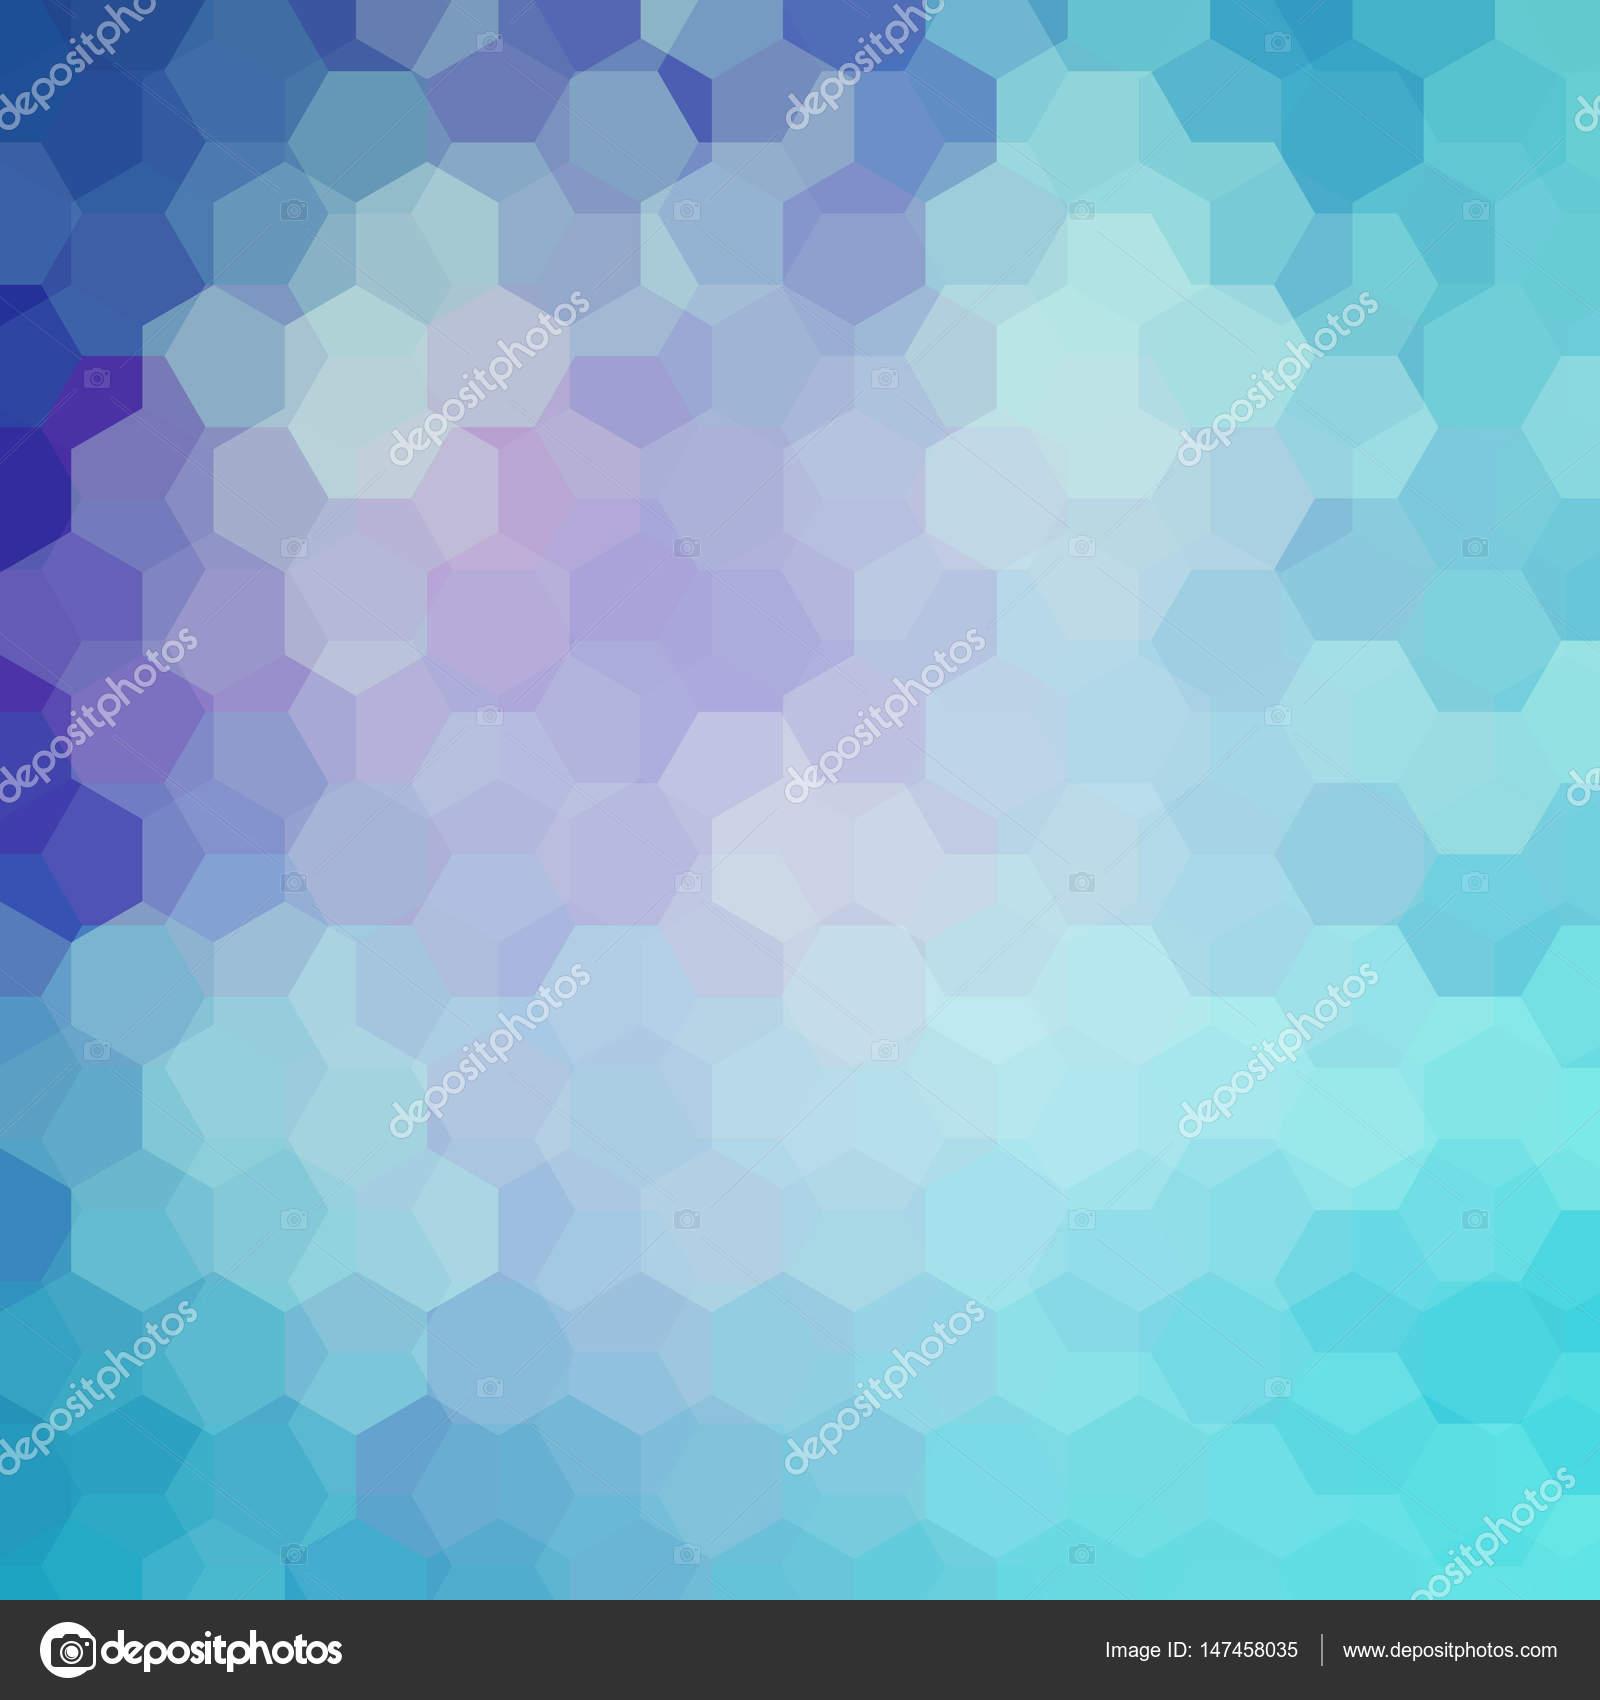 Hintergrund von geometrischen Formen. Blau, lila Farben. Mosaik ...